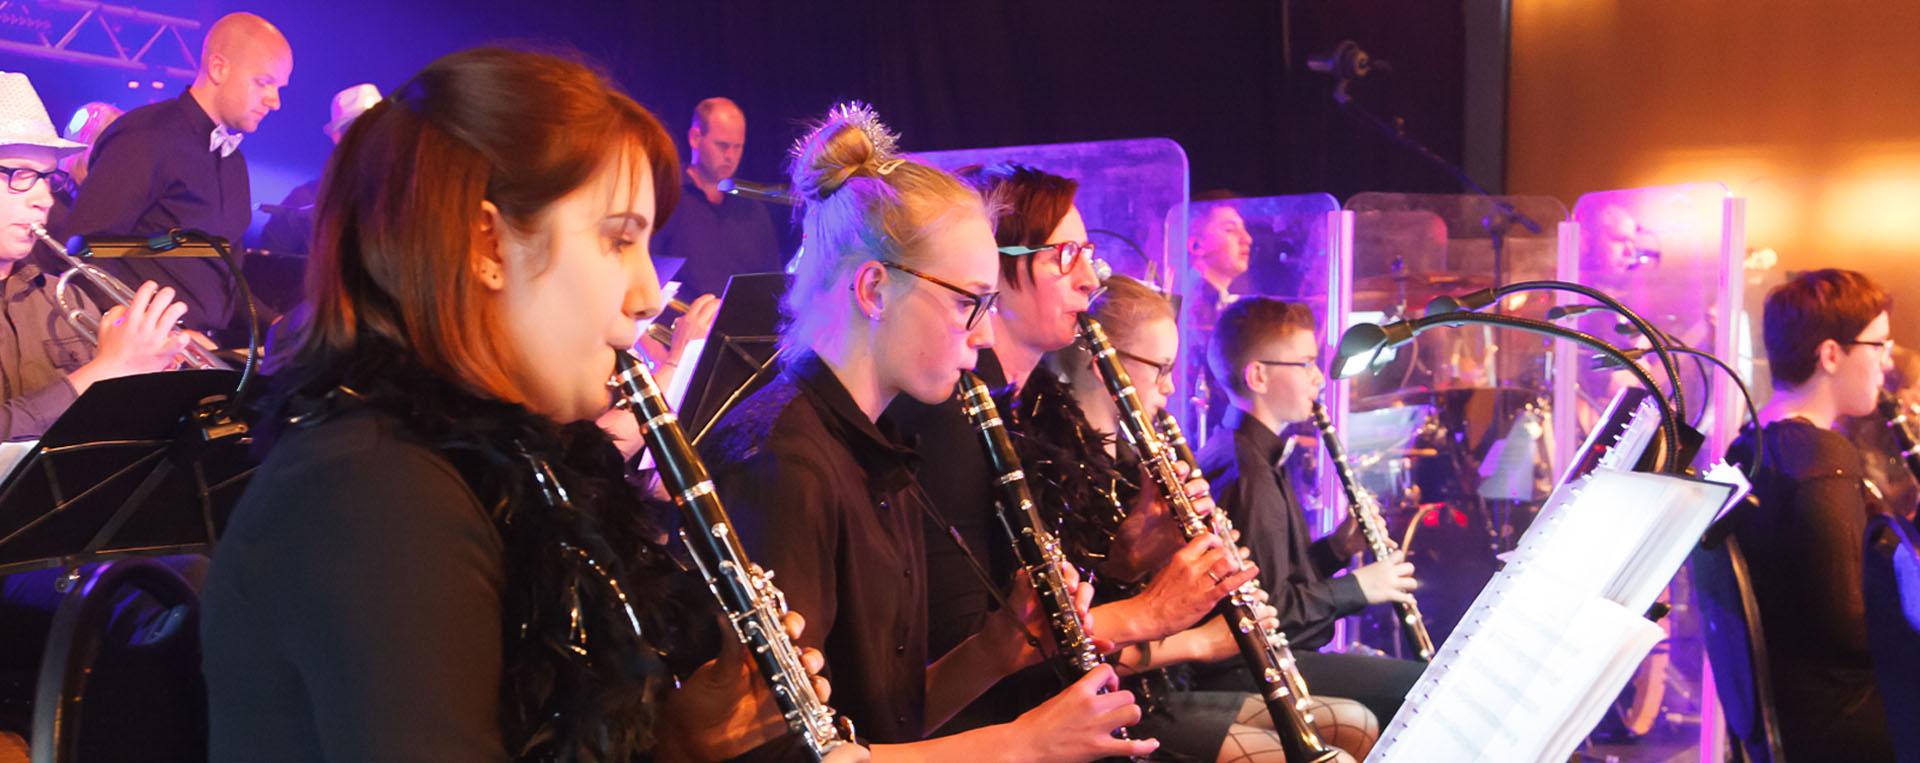 De muziekvereniging met ook veel jeugdige spelers